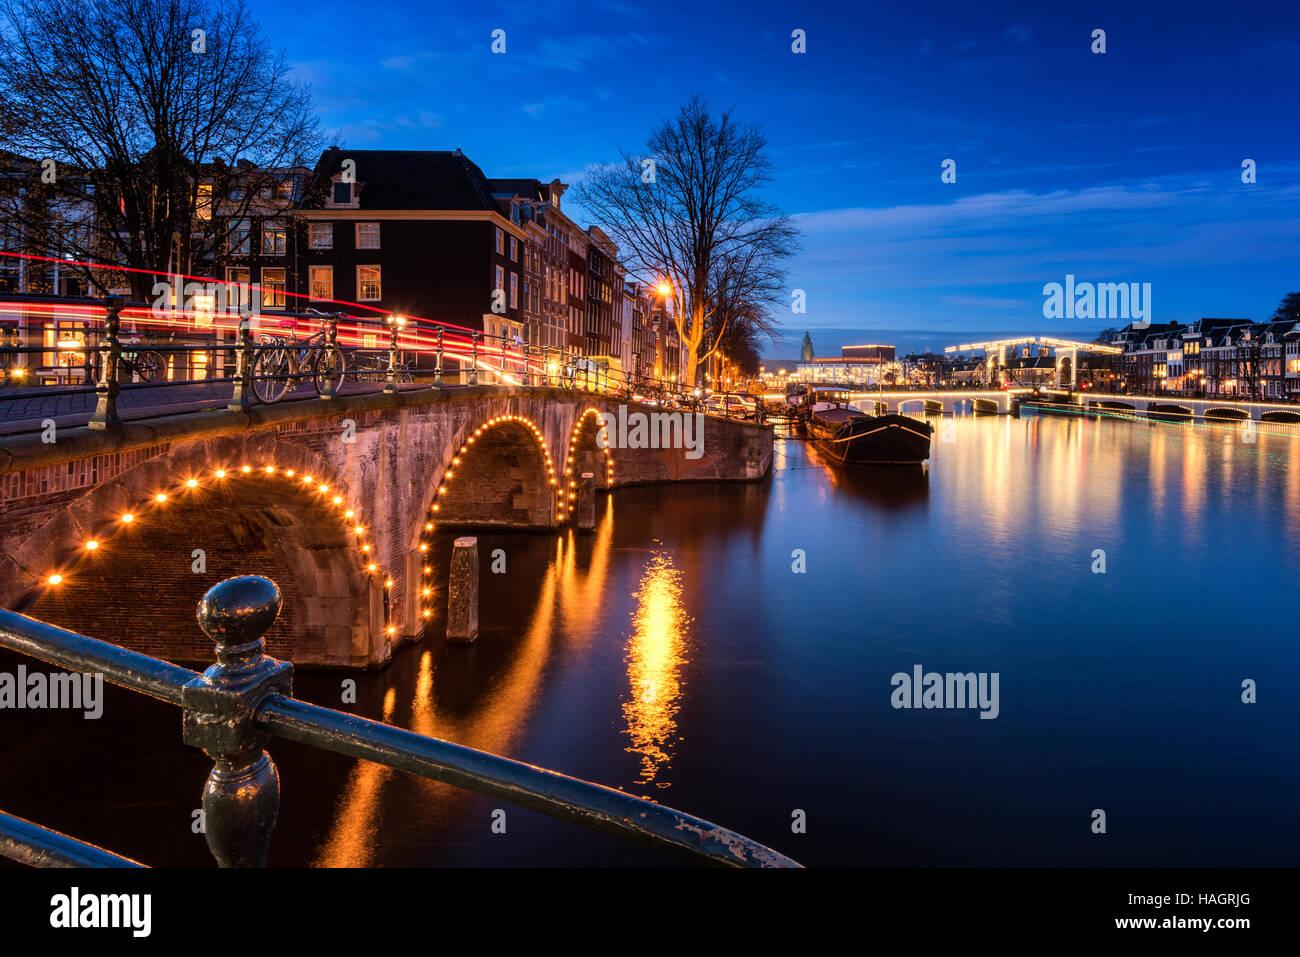 Canali di Amsterdam e ponti al tramonto Immagini Stock